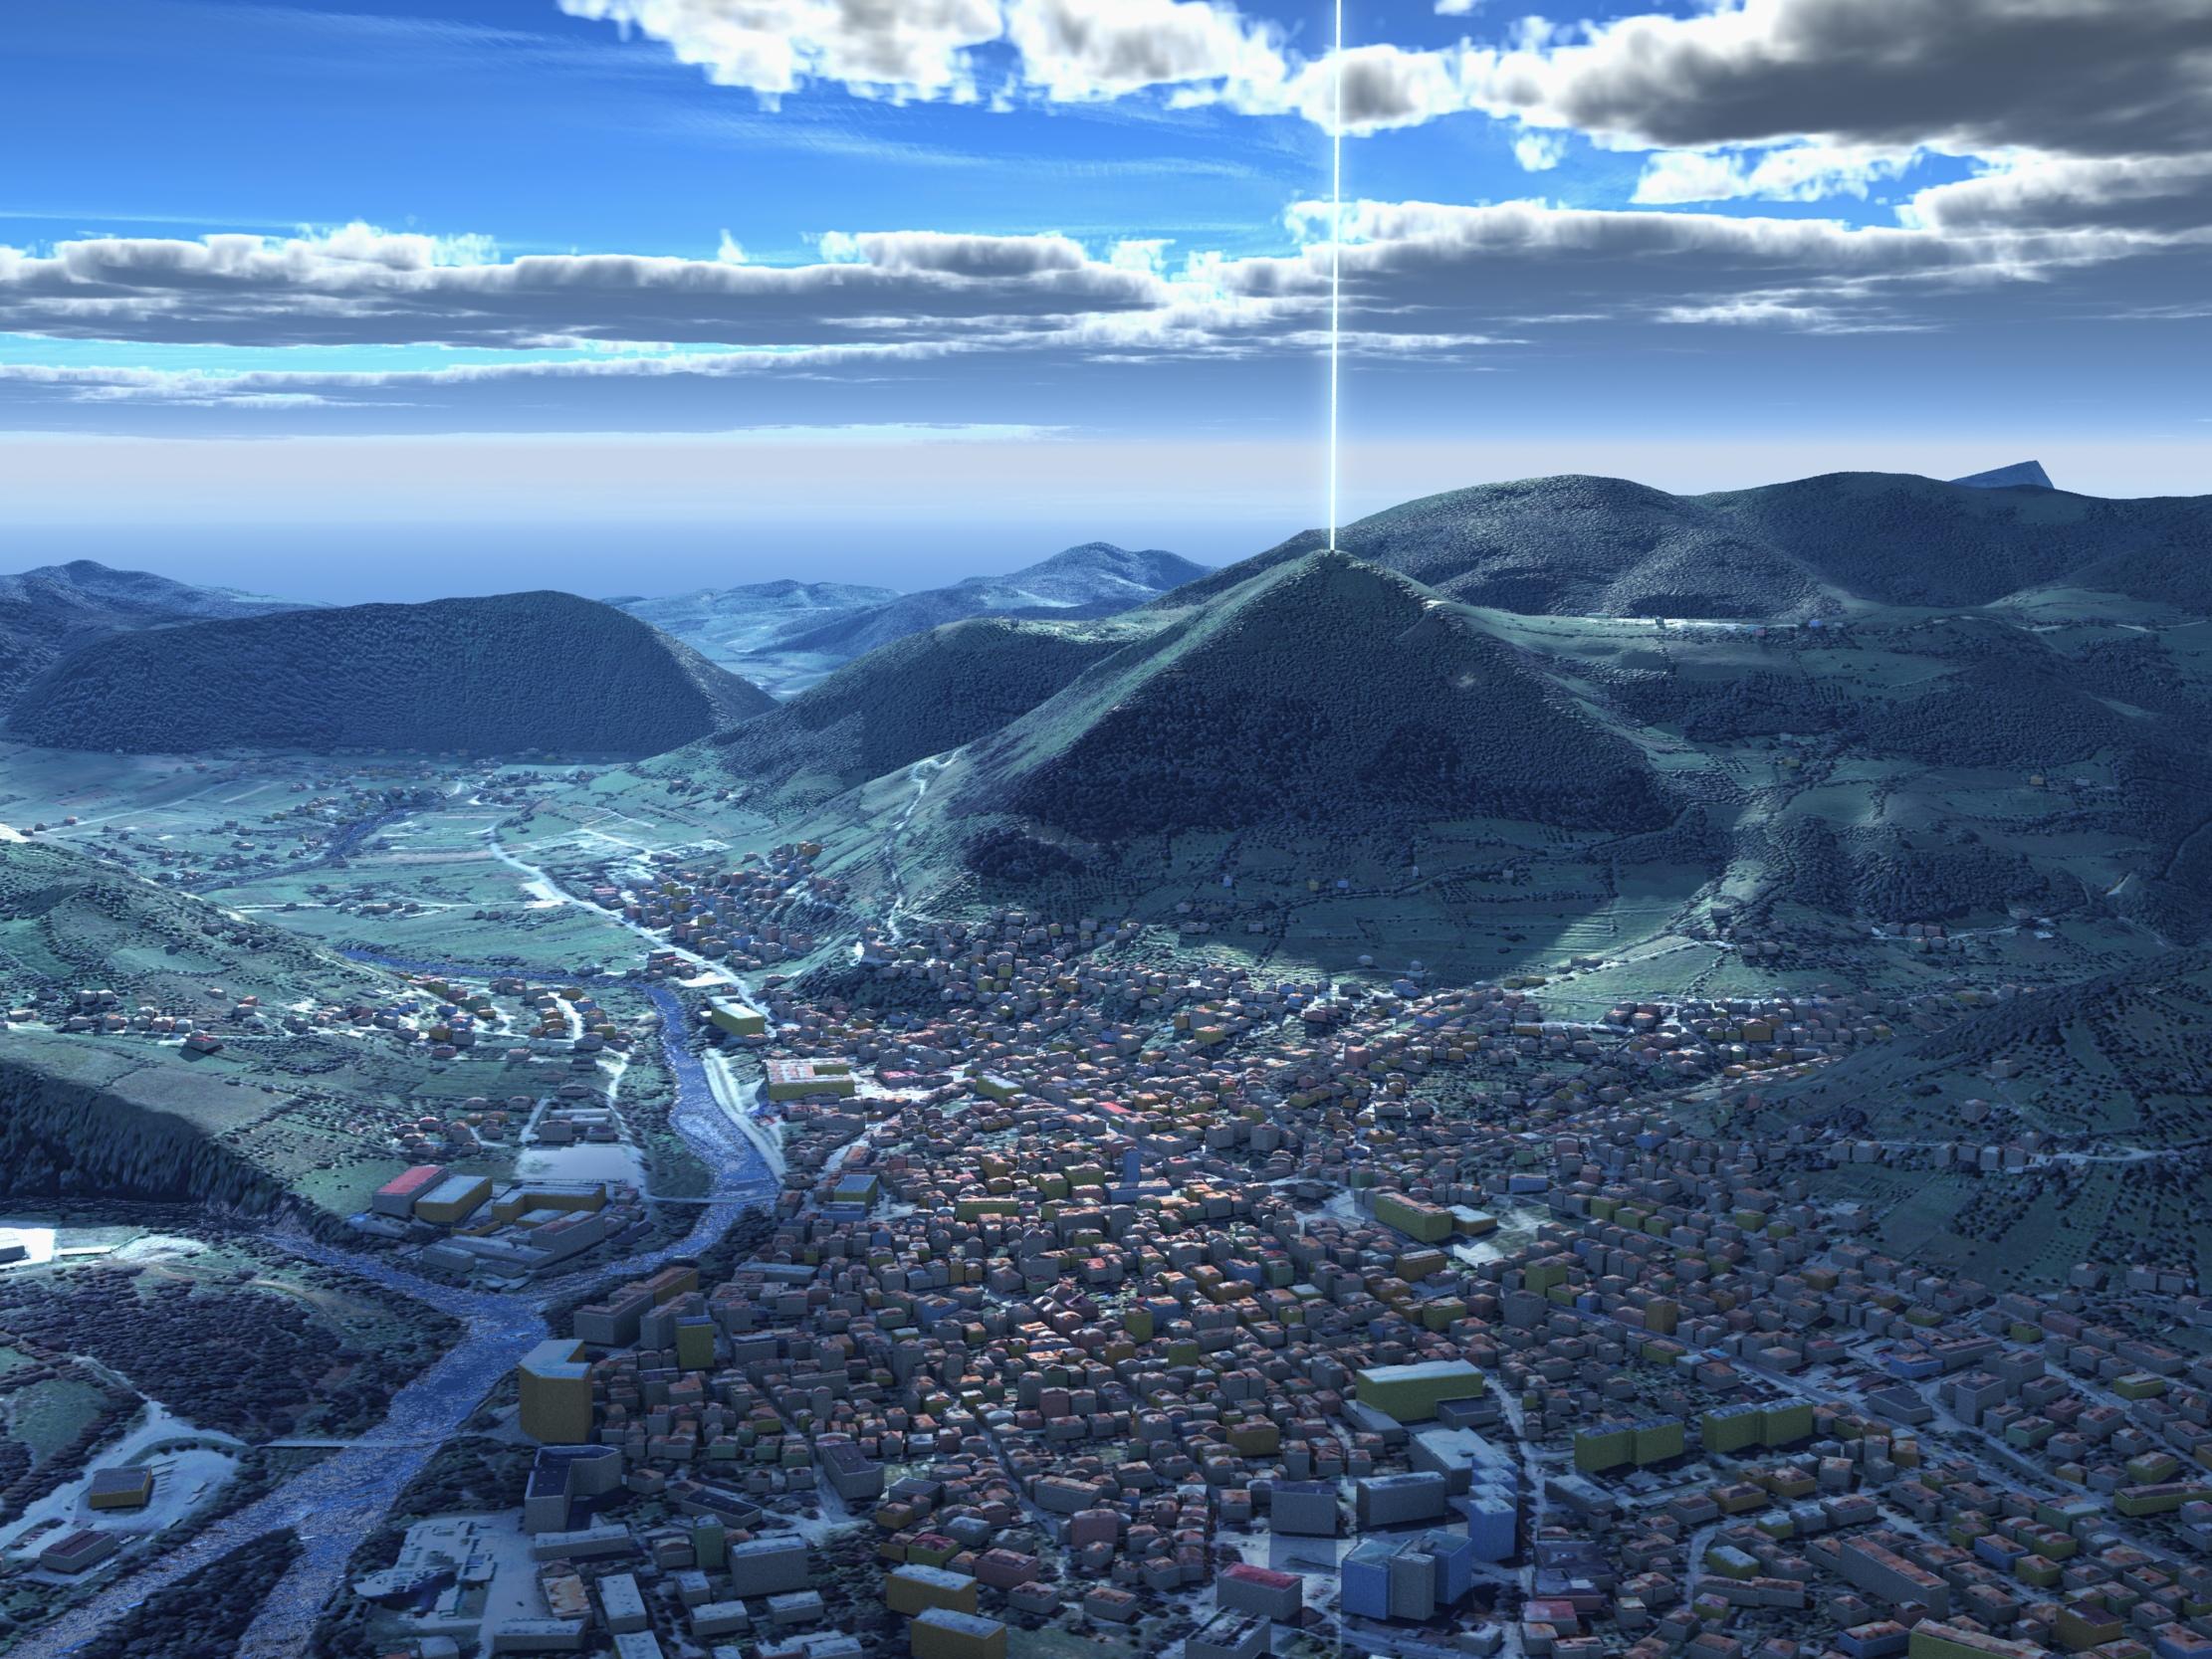 Las pirámides bosnias de 12,000 años de antigüedad, ¿un encubrimiento arqueológico masivo?